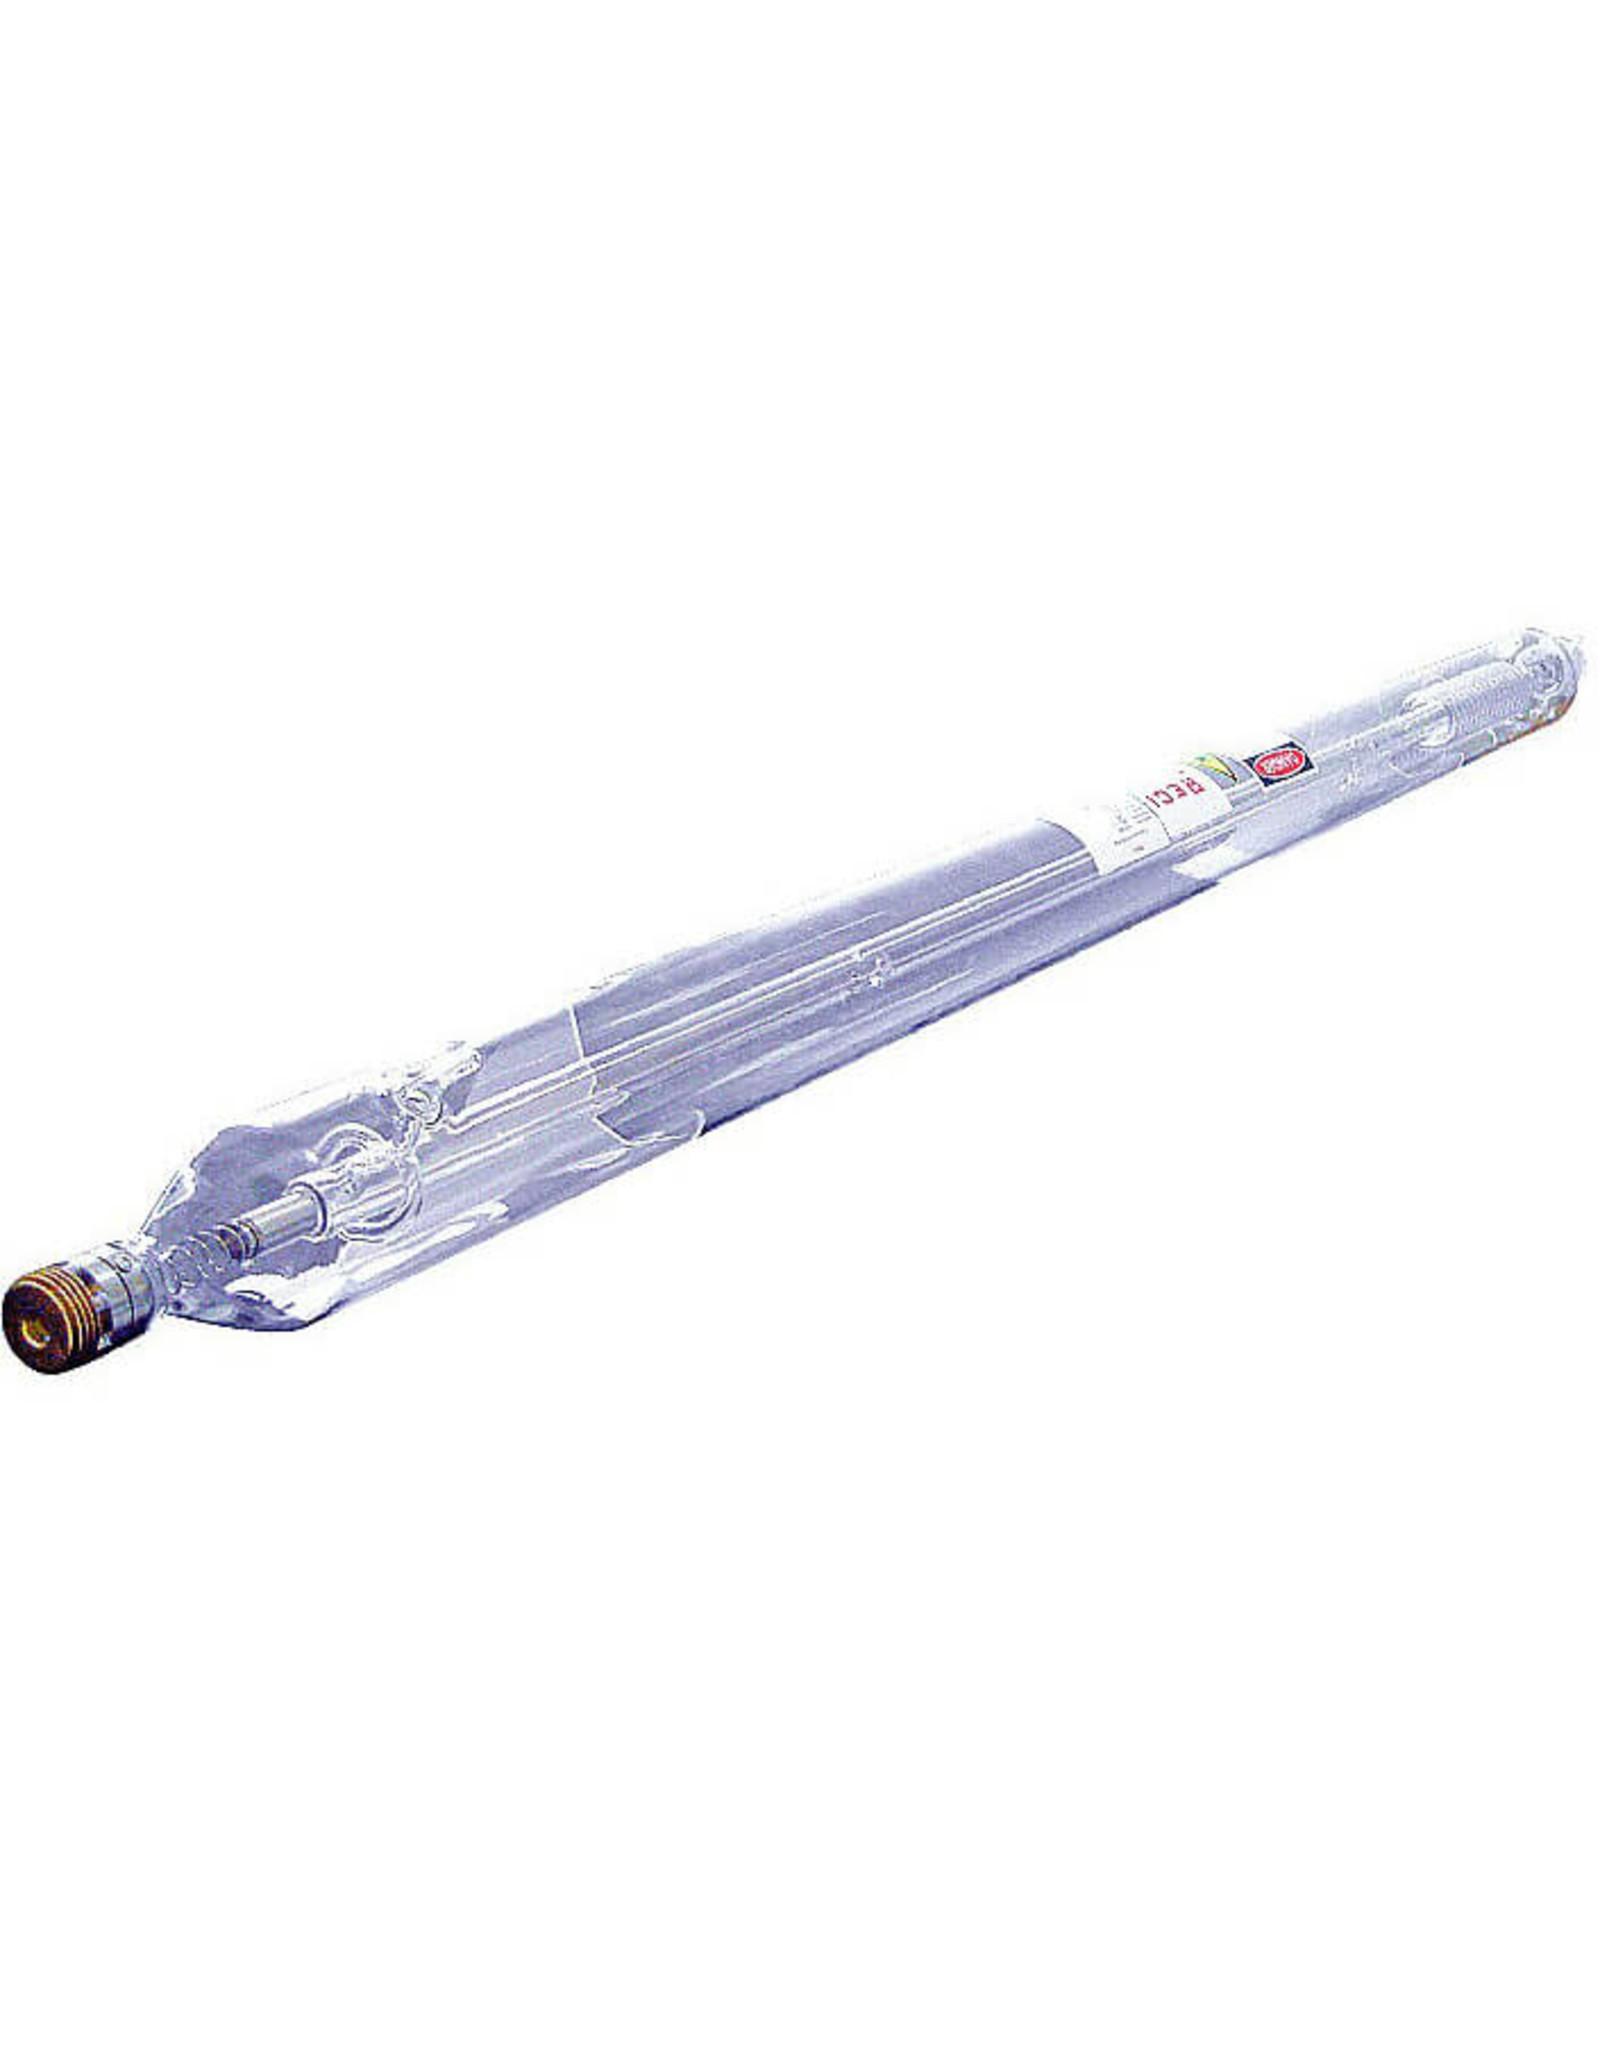 Metaquip Laserbuis voor CO2 laser